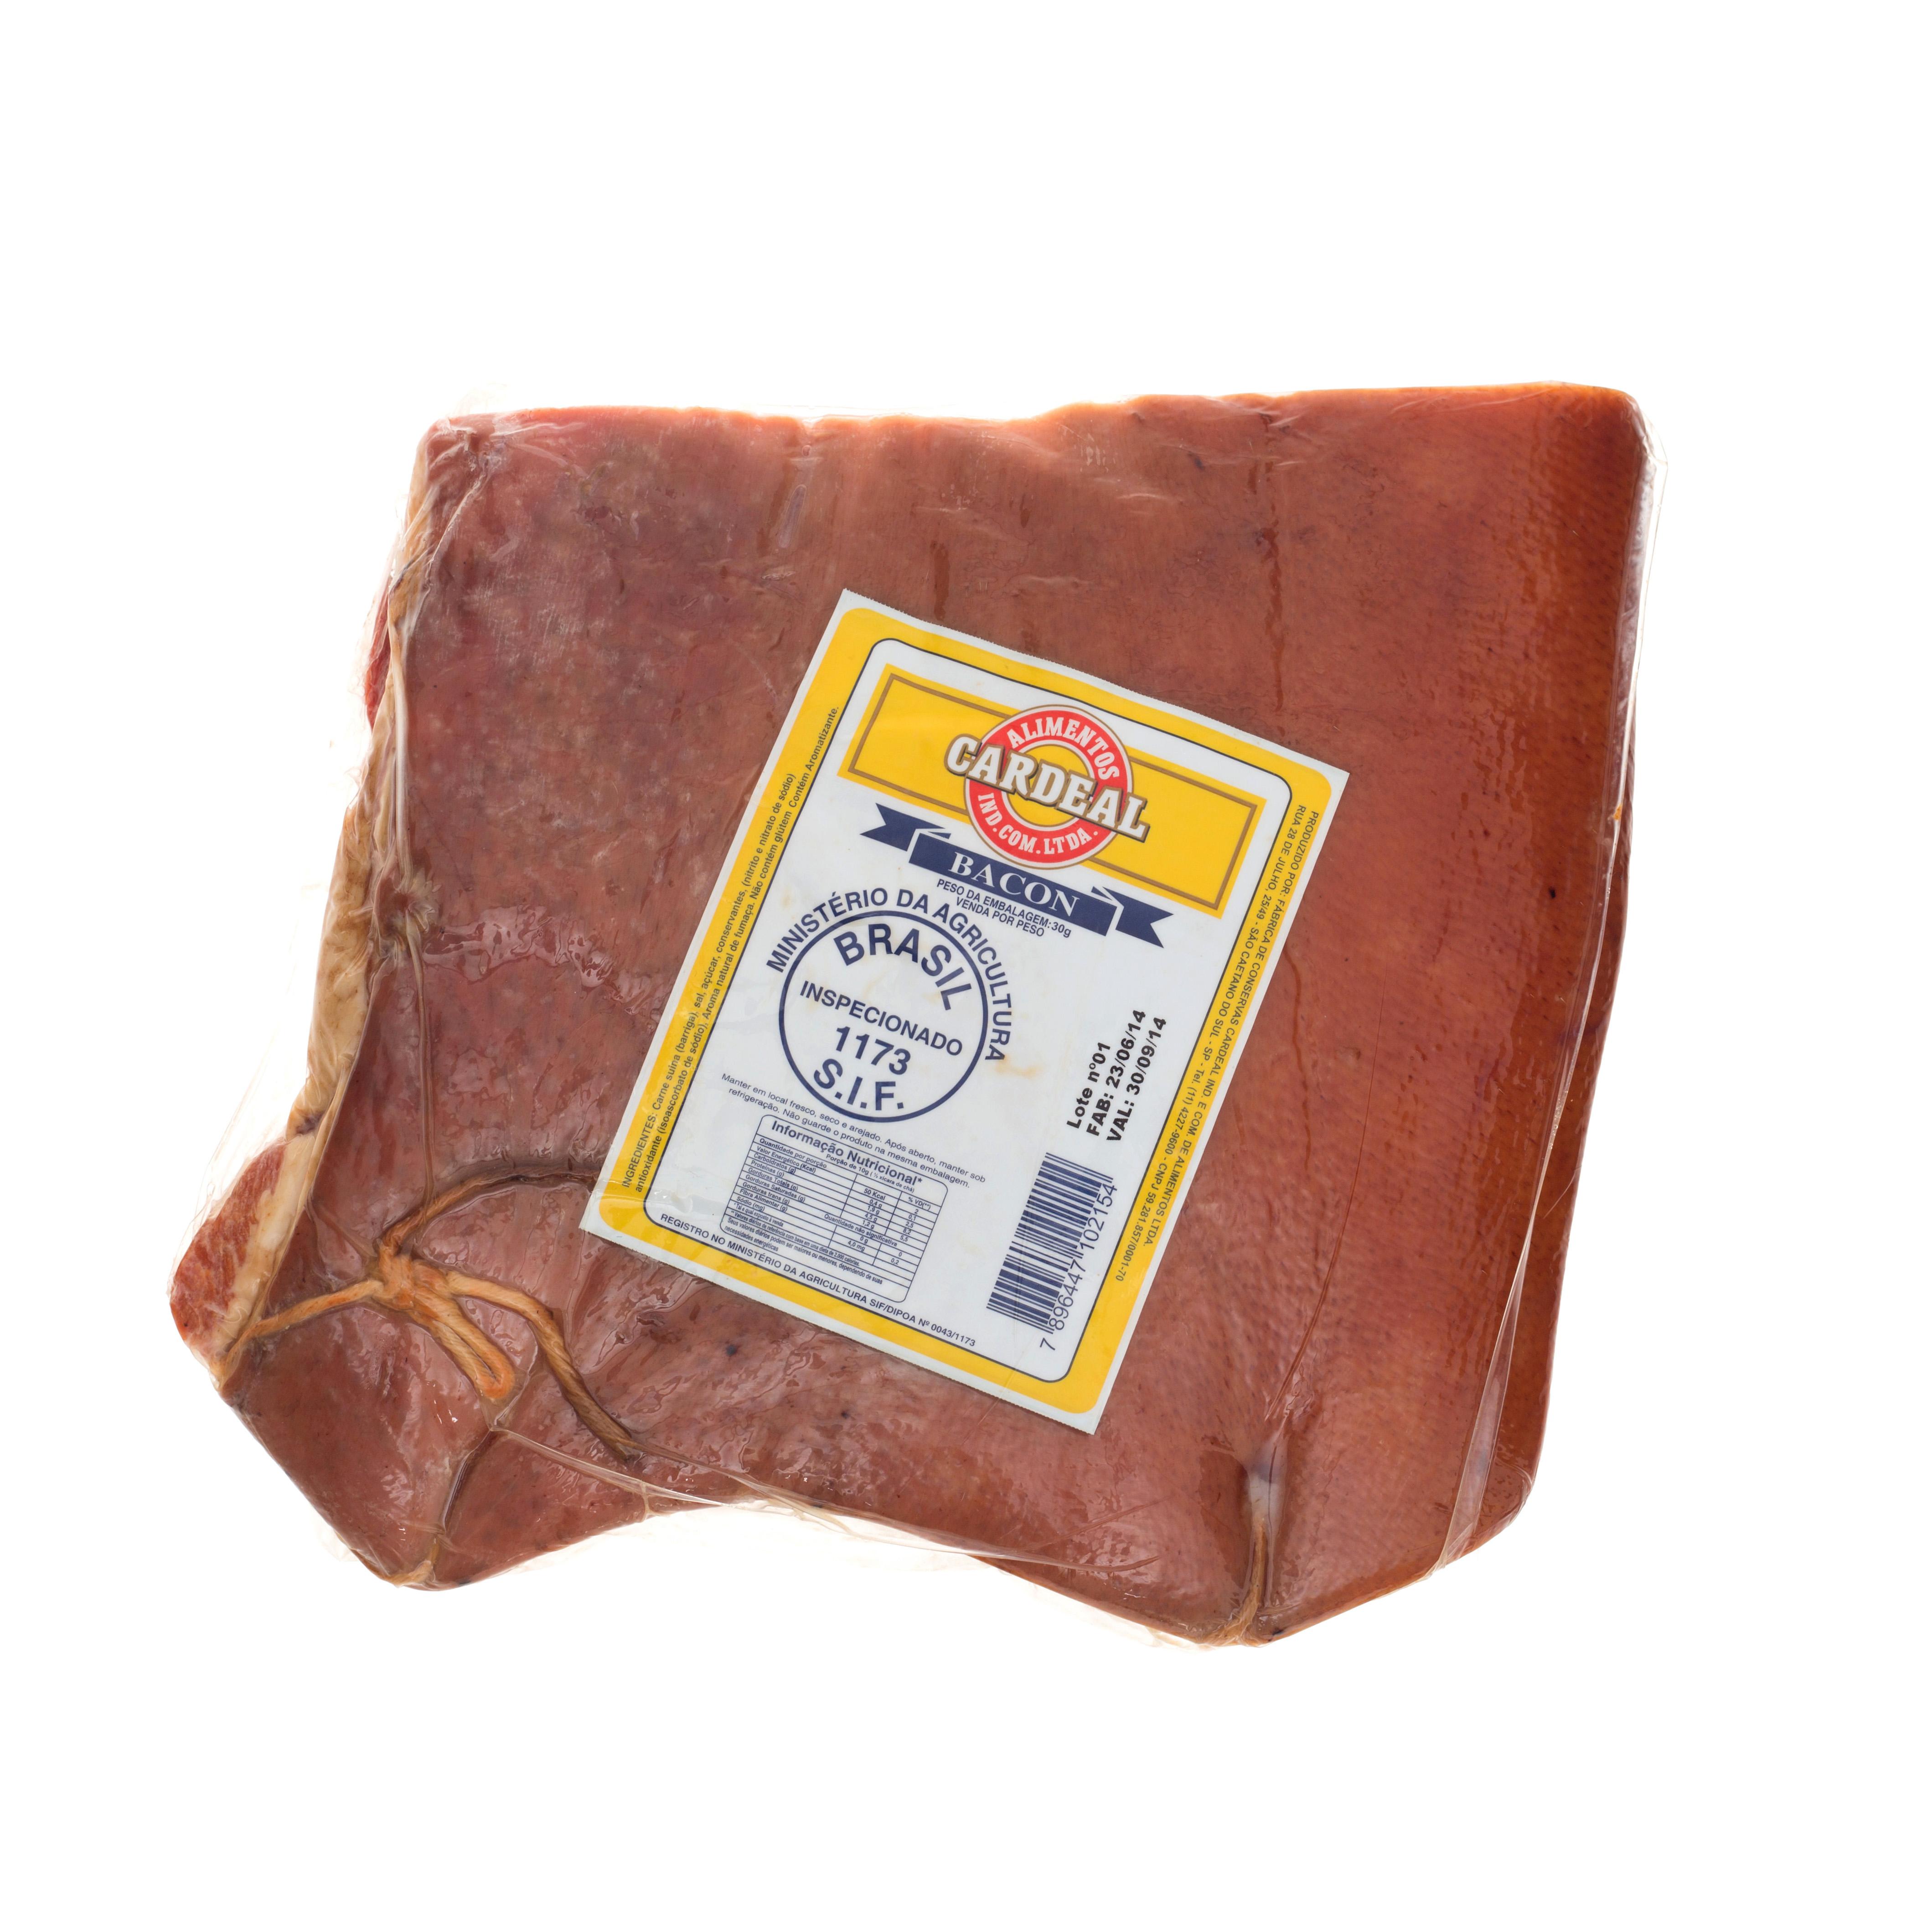 Bacon Defumado Cardeal